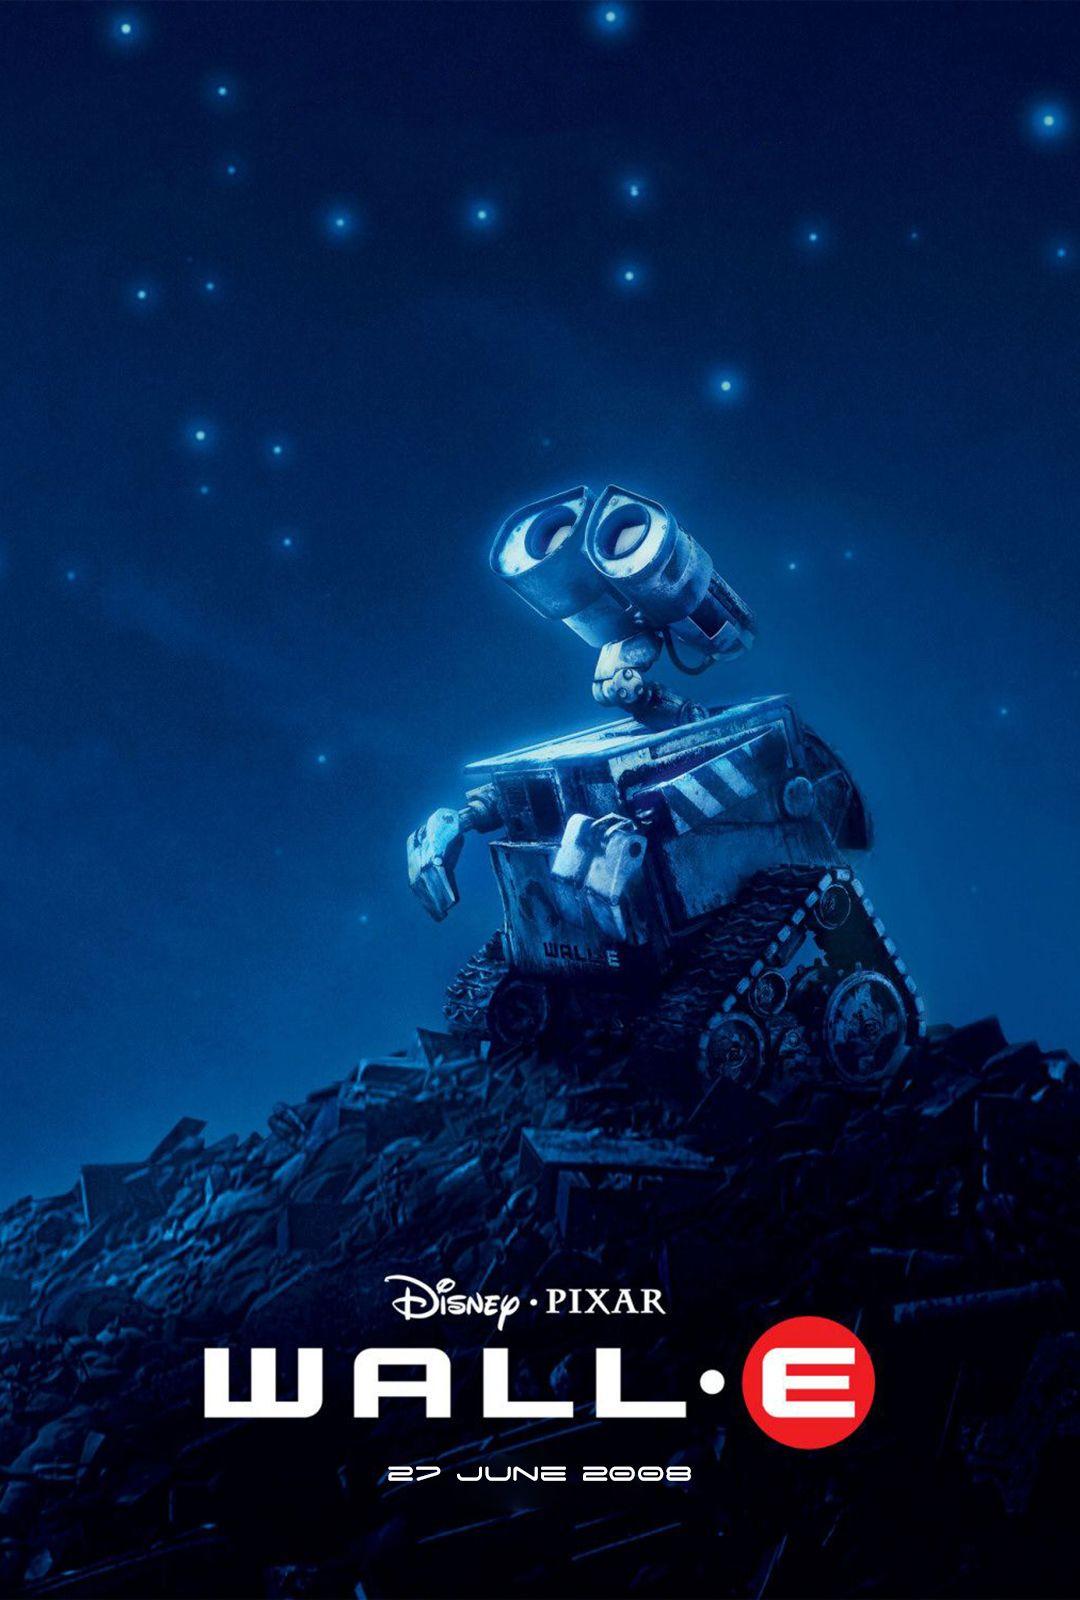 Wall E Archives Cg Animation Blog Portadas De Peliculas Peliculas De Pixar Peliculas